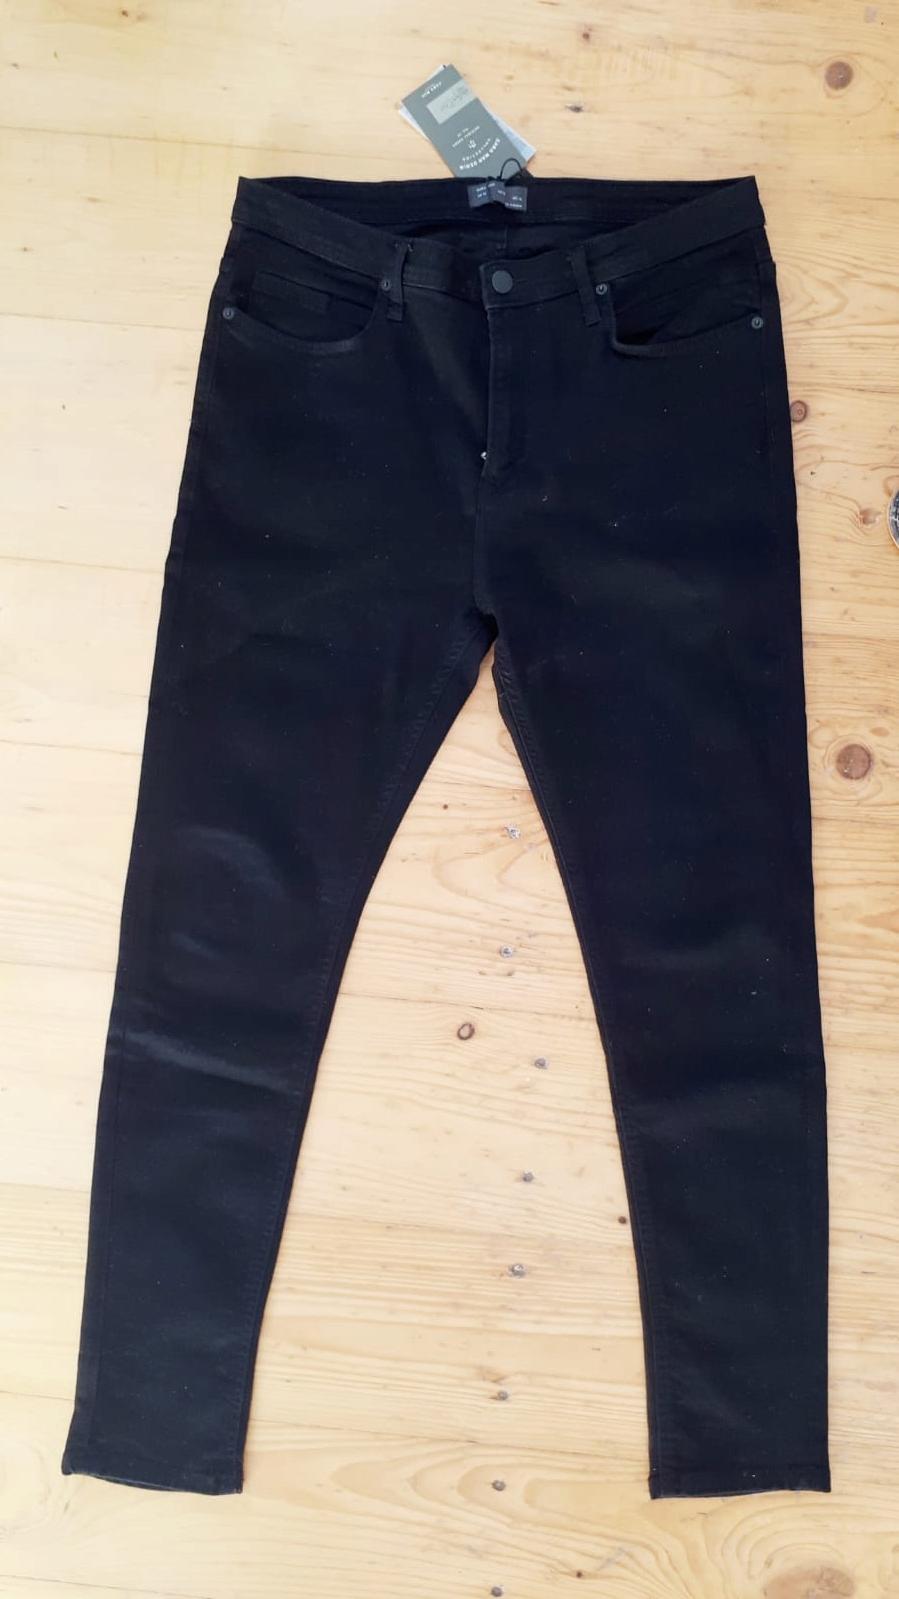 Spodnie Zara Skinny Fit NOWE r. 46 !!! Rurki slim